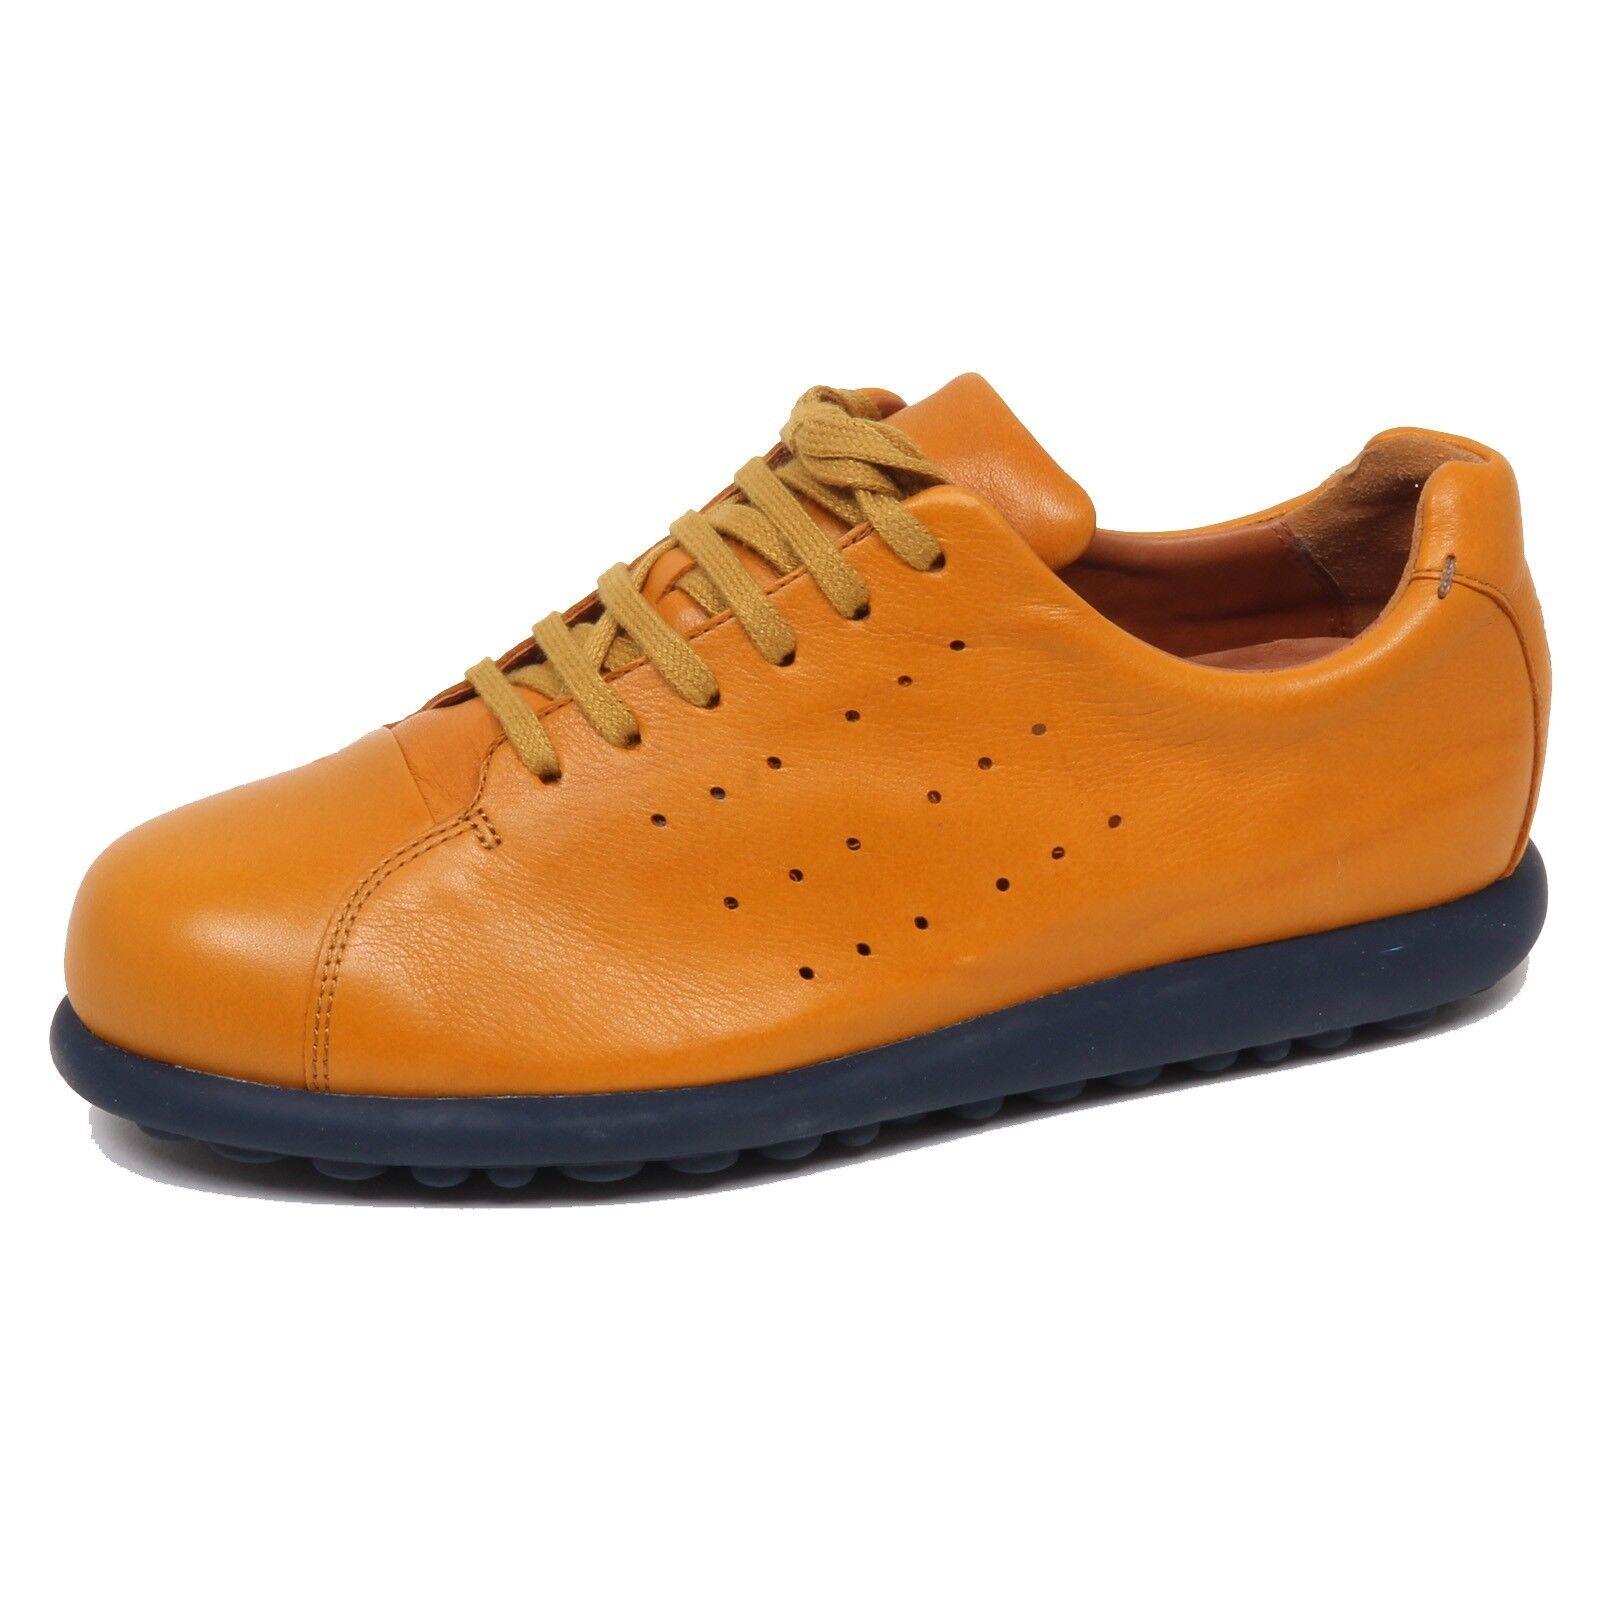 F0718 scarpe da ginnastica uomo dark giallo CAMPER PELOTAS ARIEL sole blu perforated scarpe man | Conosciuto per la sua eccellente qualità  | Uomini/Donne Scarpa